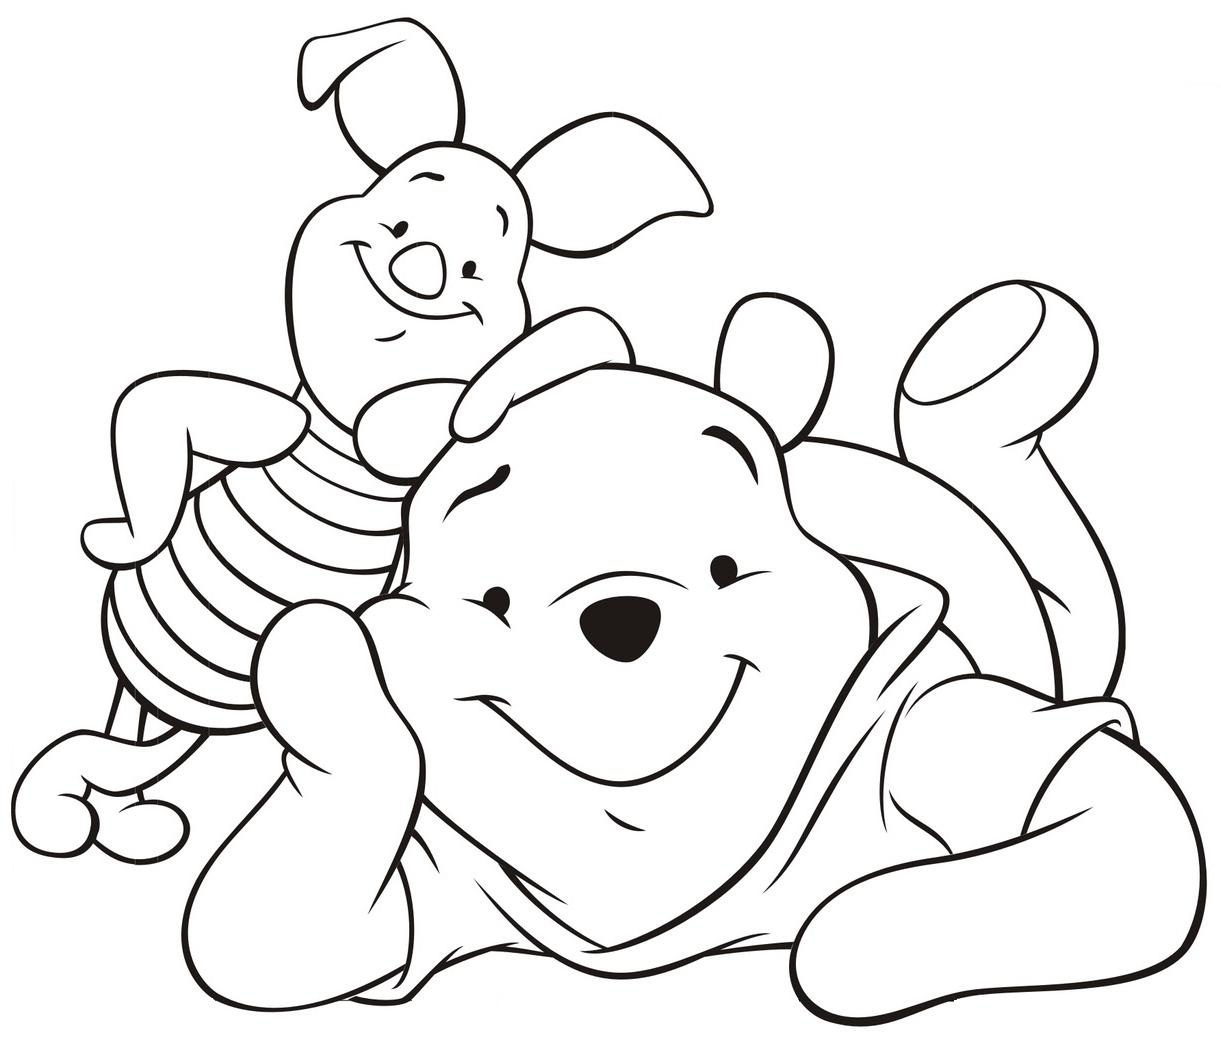 Preferência desenhos para colorir - 2 - Aprender a Desenhar GC22